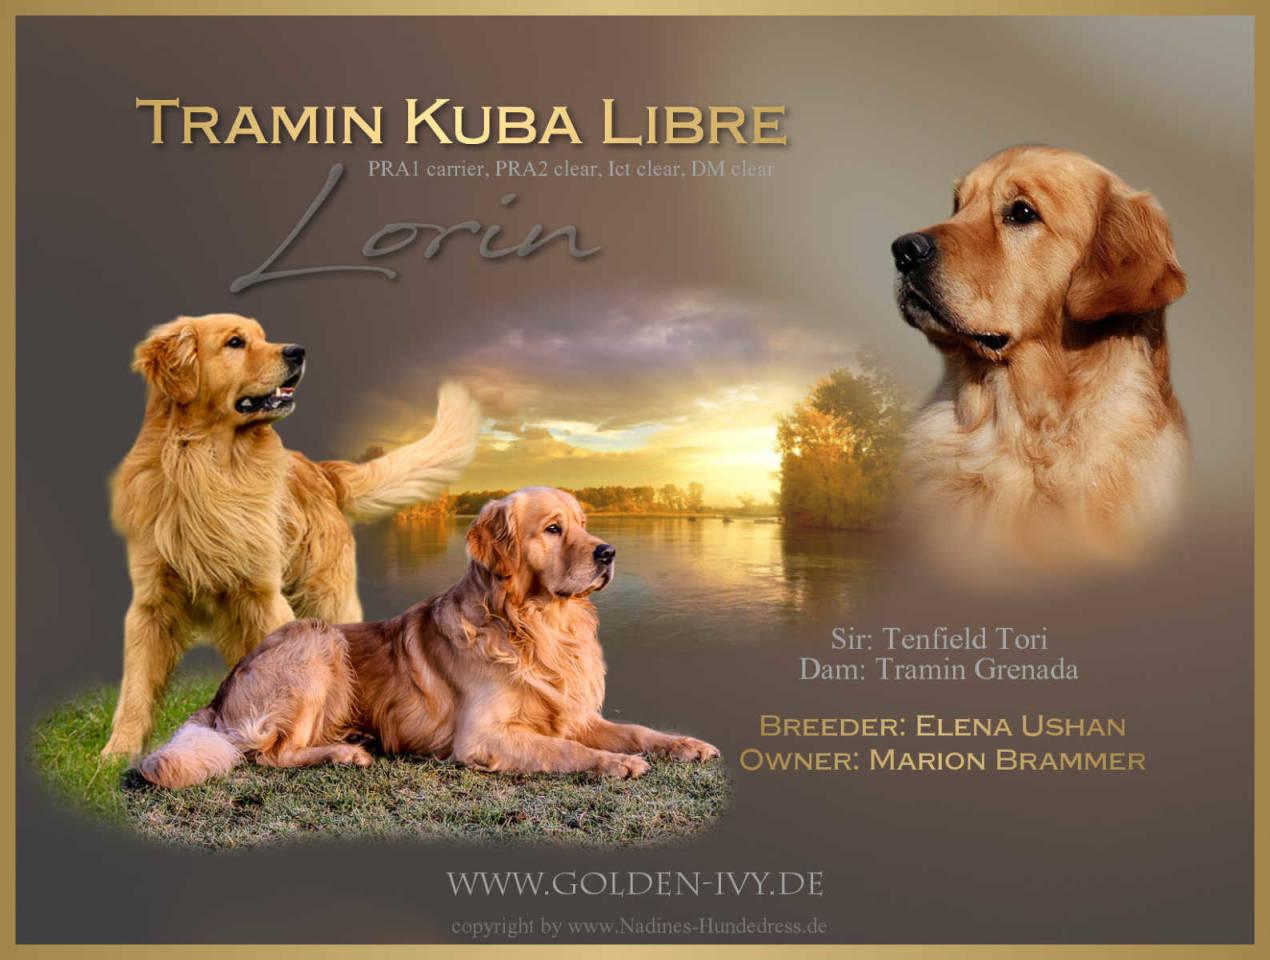 Rüdenpräsentation Nadines-Hundedress Golden-Zucht